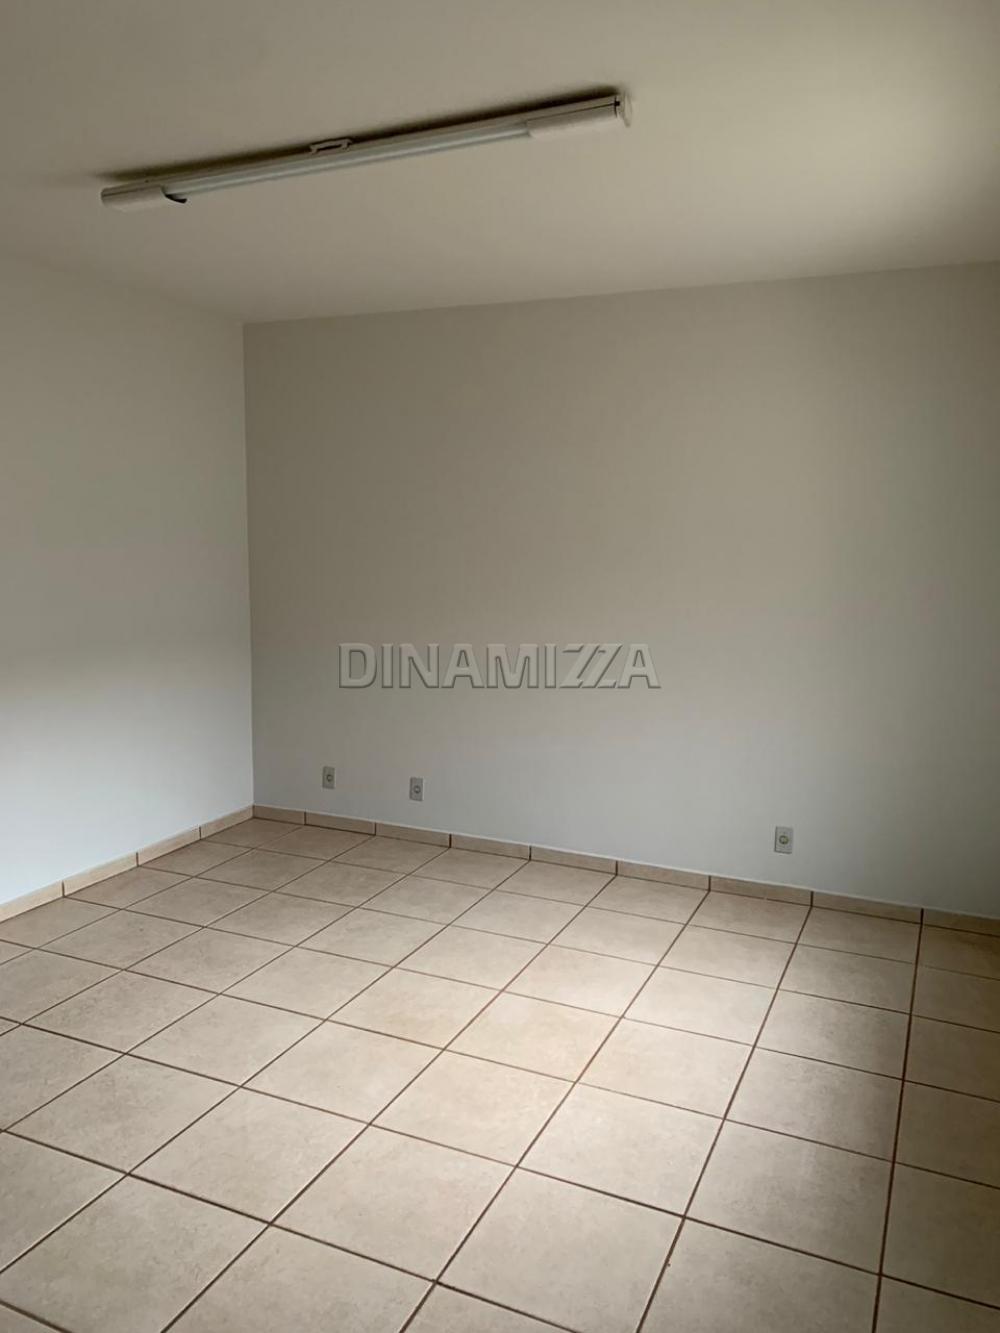 Alugar Casa / Padrão em Uberaba R$ 2.800,00 - Foto 14